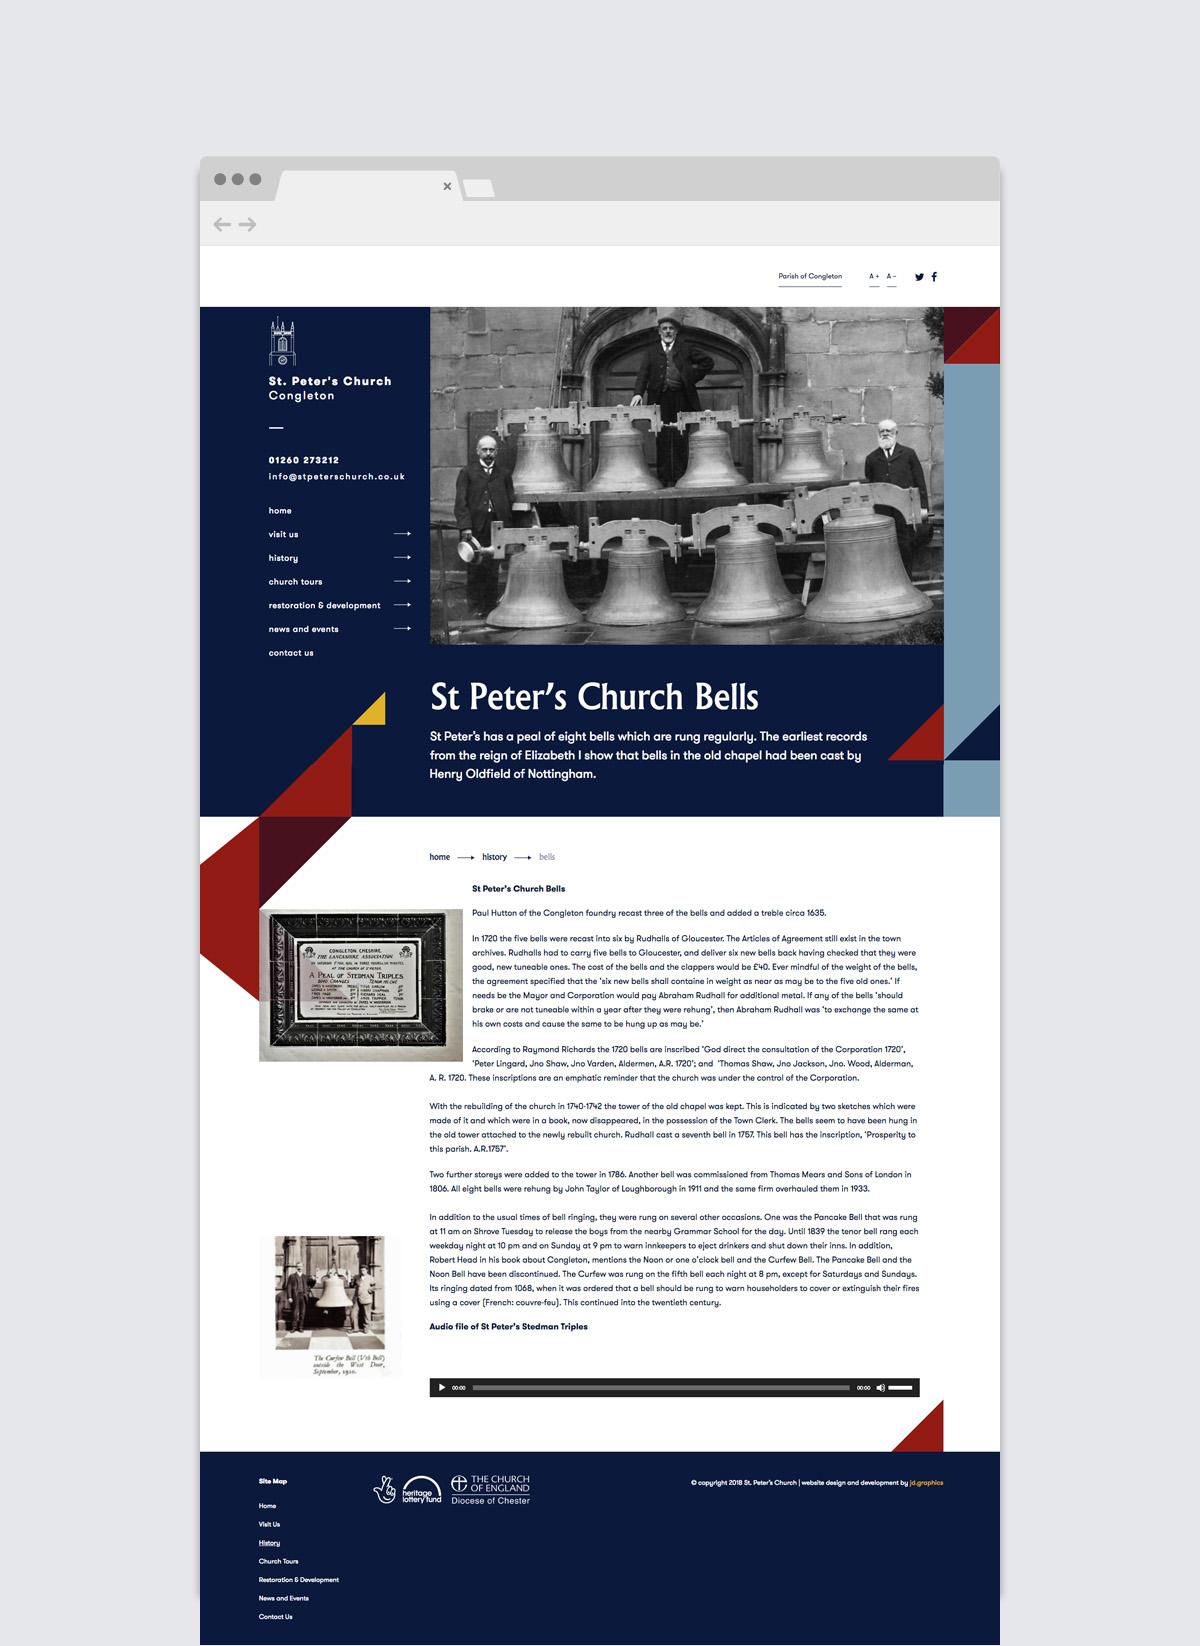 St Peter's Church Bells - Web Design